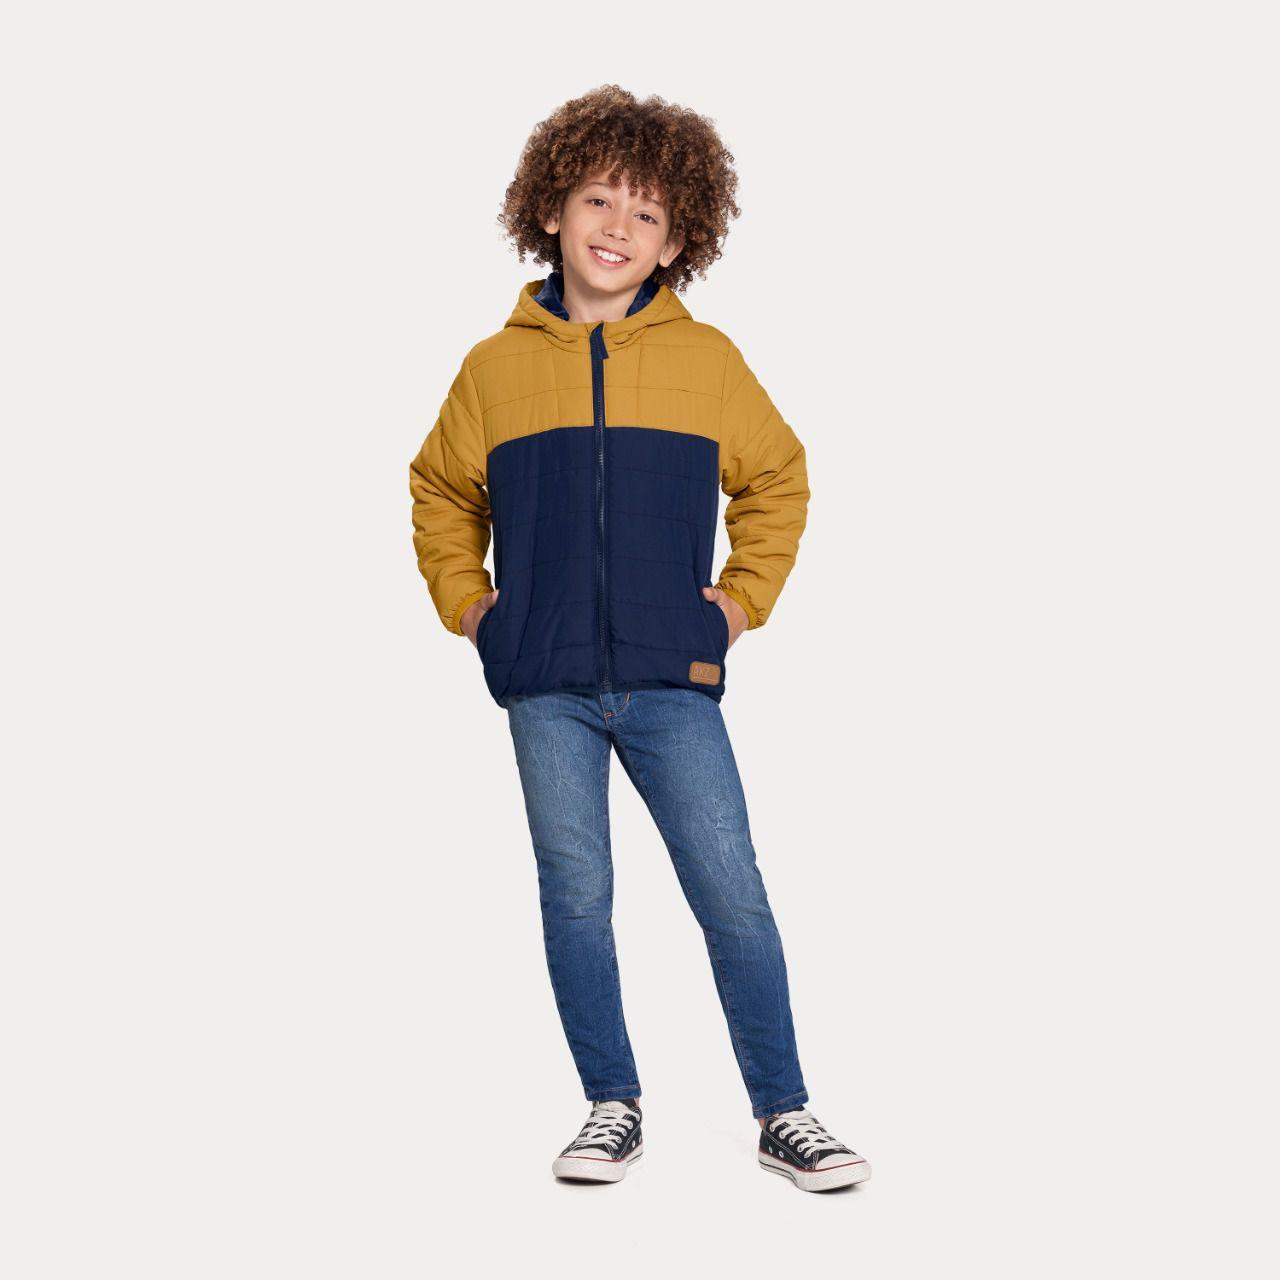 Jaqueta infantil 65800